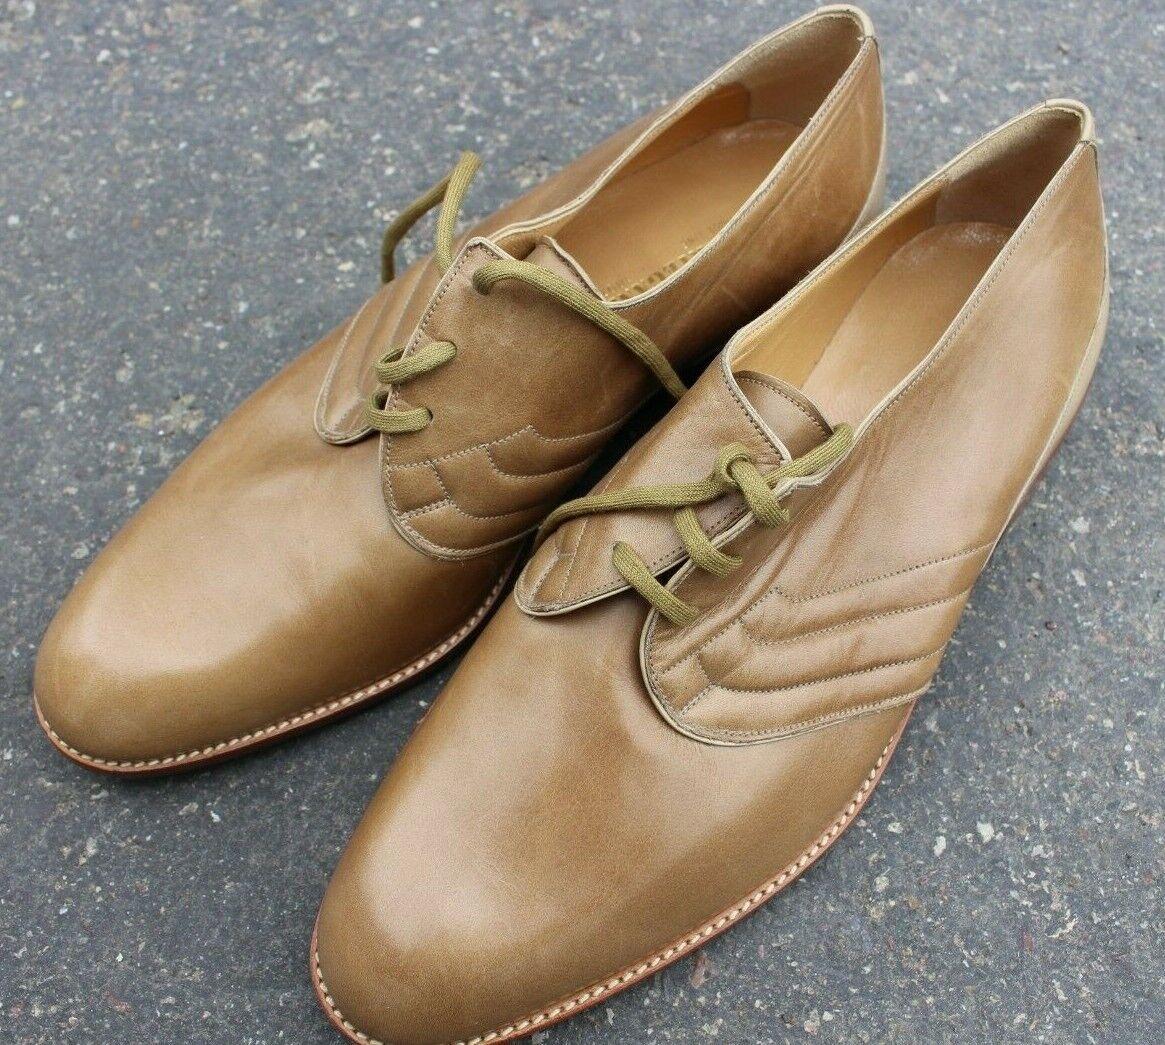 Détails sur Clarks Originals Wallabee, Royaume Uni Taille 10, NEUF, chaussures hommes, marron, abeilles Cire afficher le titre d'origine